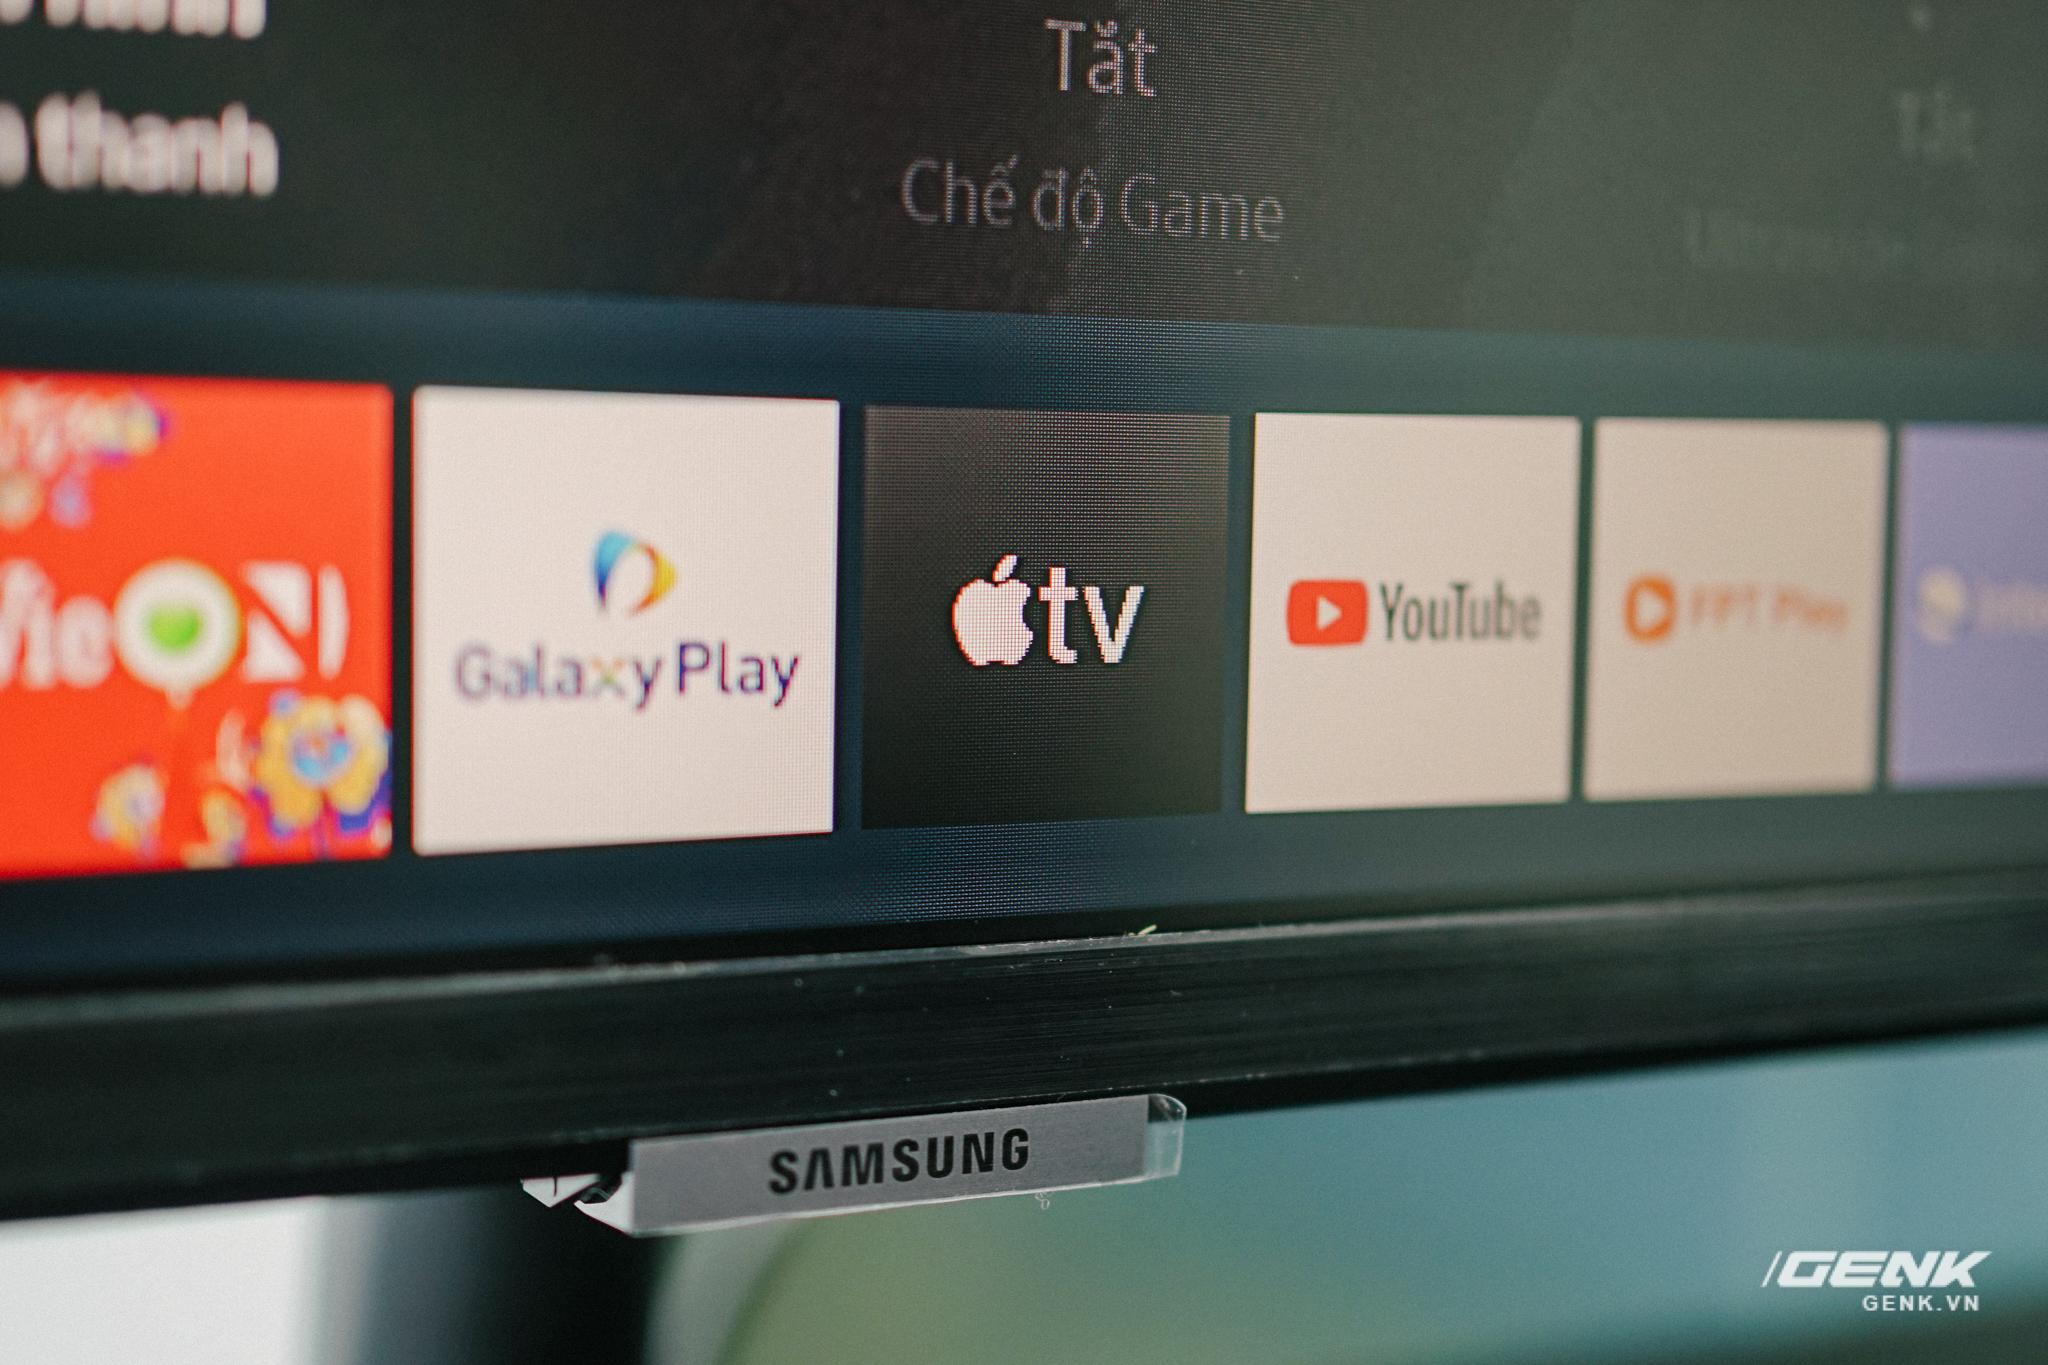 Cận cảnh Samsung M5: Màn hình thông minh mới của Samsung có thể hoạt động độc lập không cần máy tính, giá từ 7 triệu đồng - Ảnh 5.